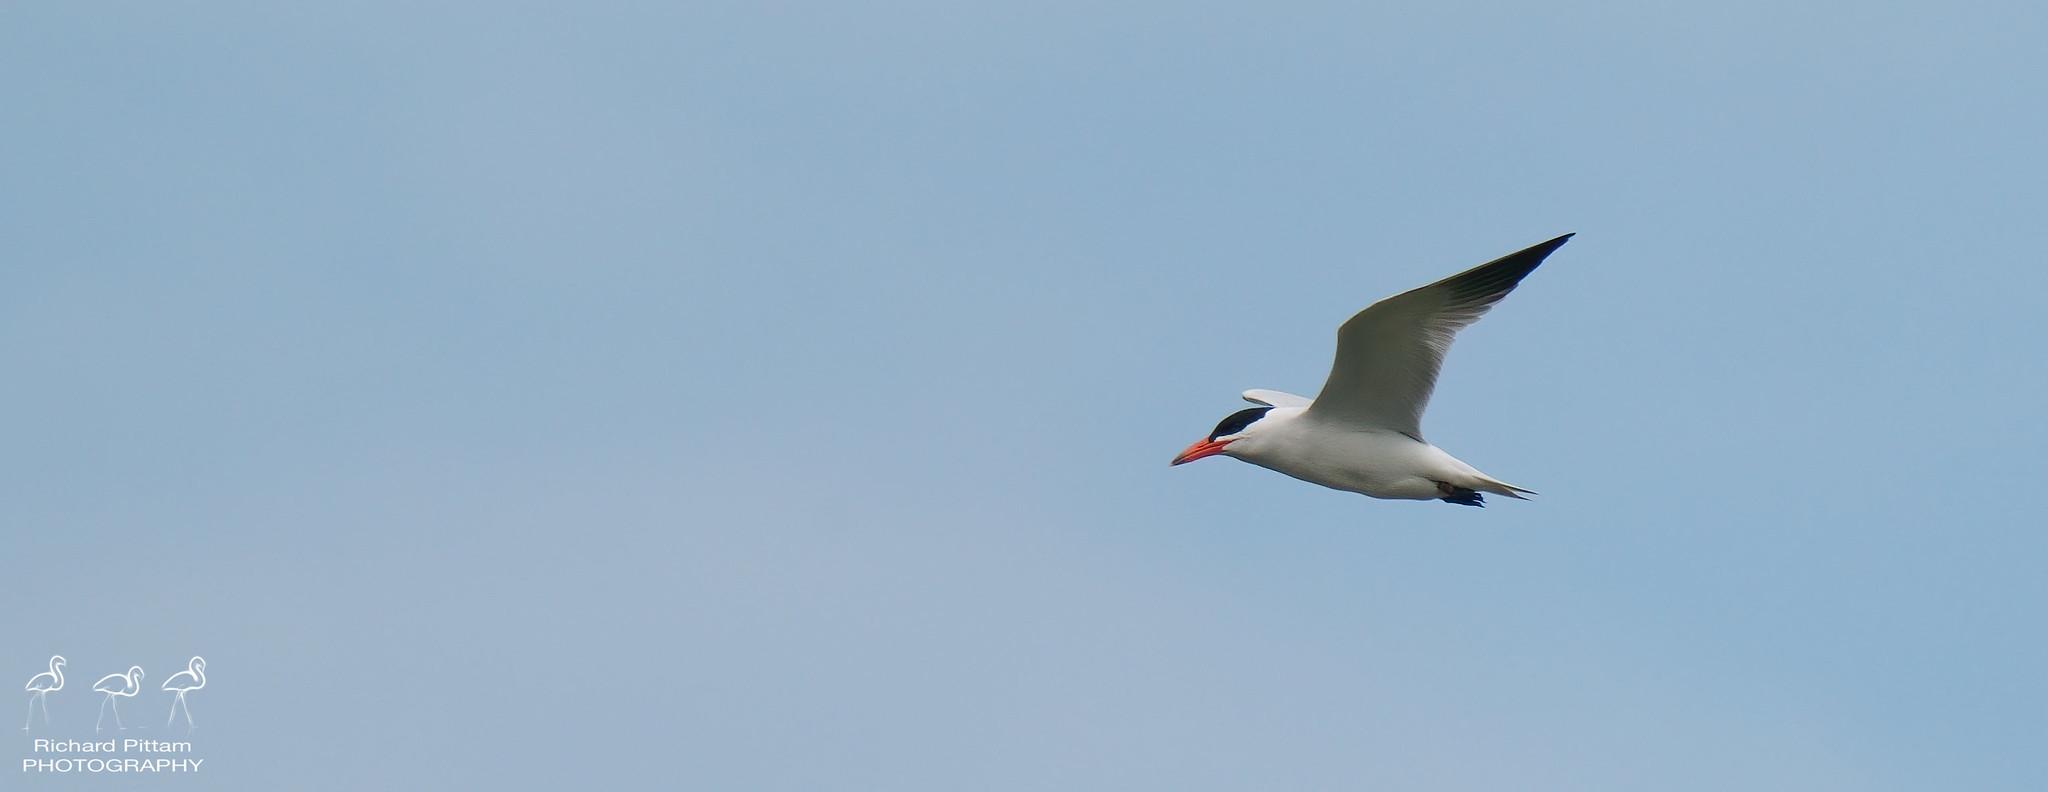 Caspian Tern - lovely bird - harsh light